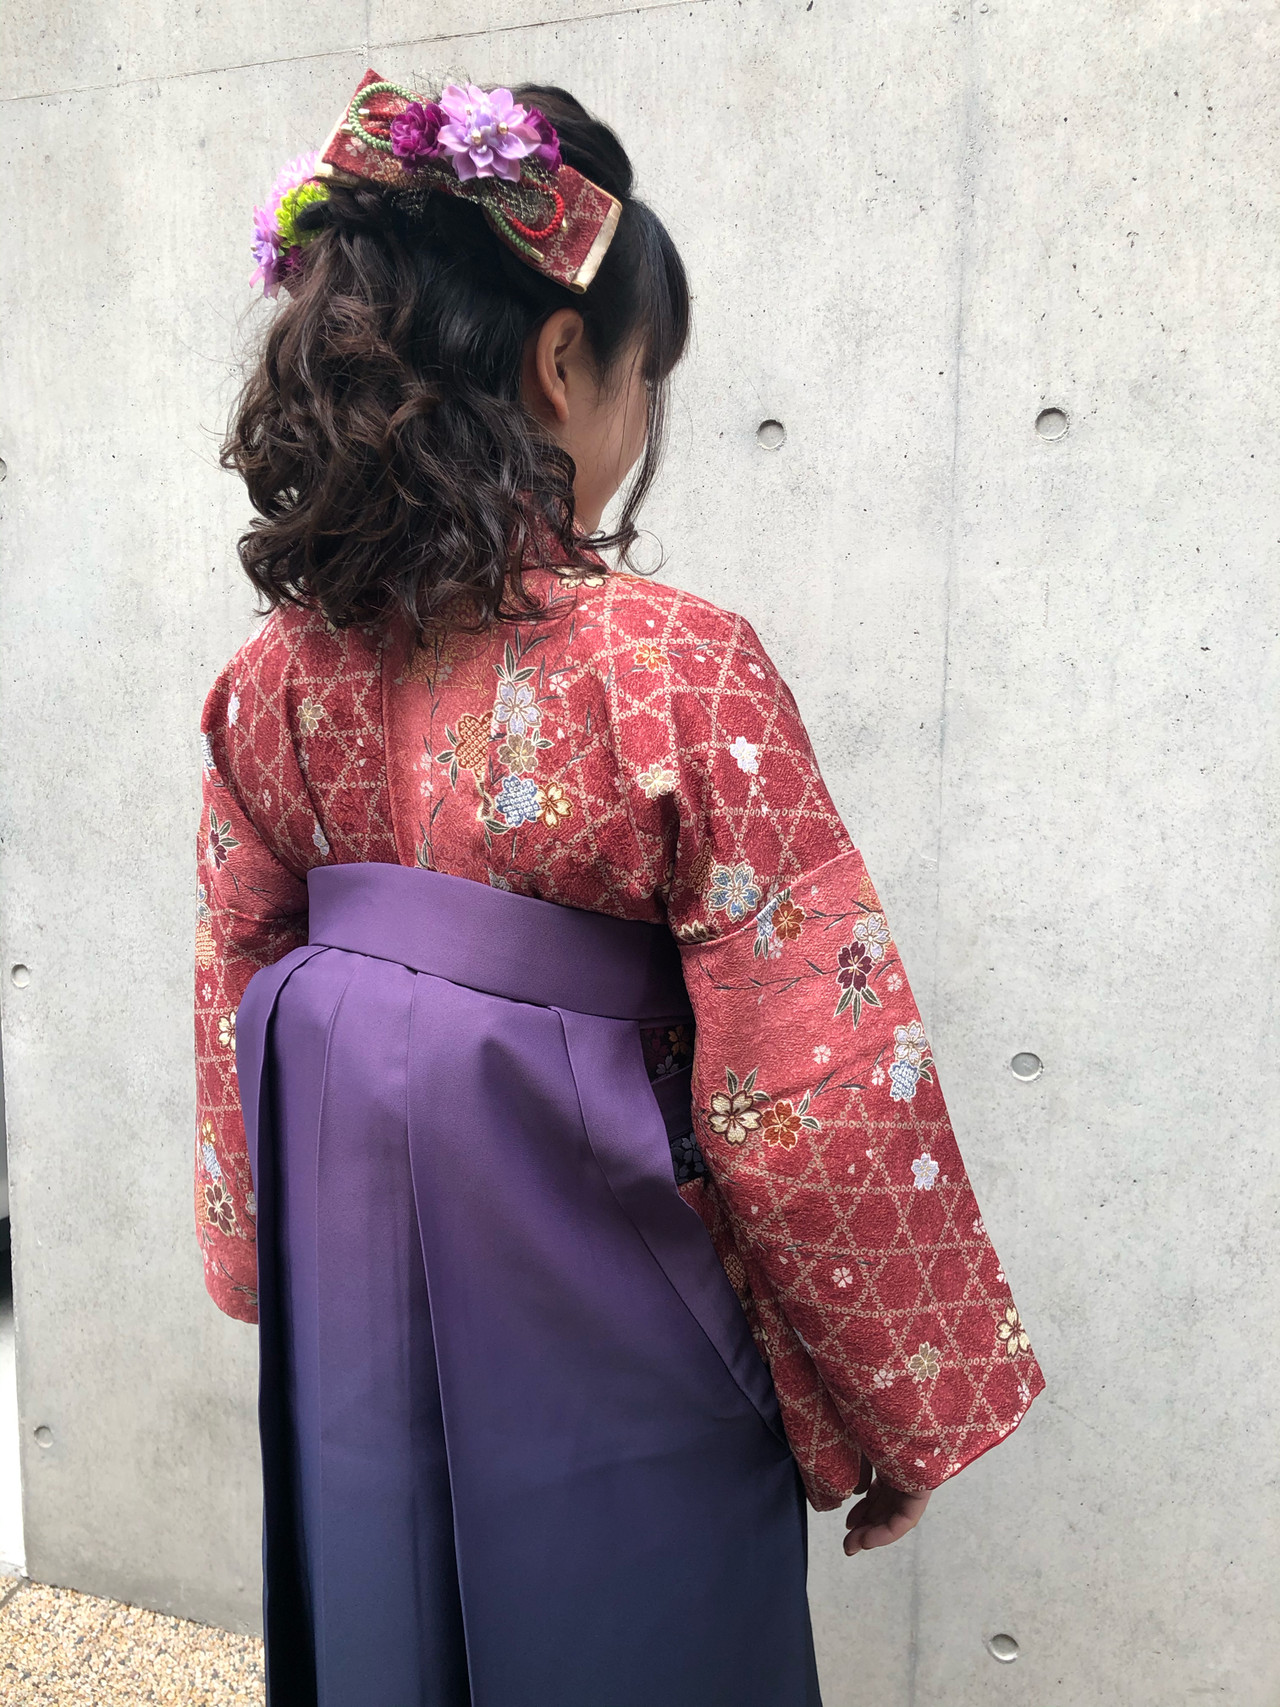 ハーフアップ 着物 ヘアアレンジ 卒業式ヘアスタイルや髪型の写真・画像